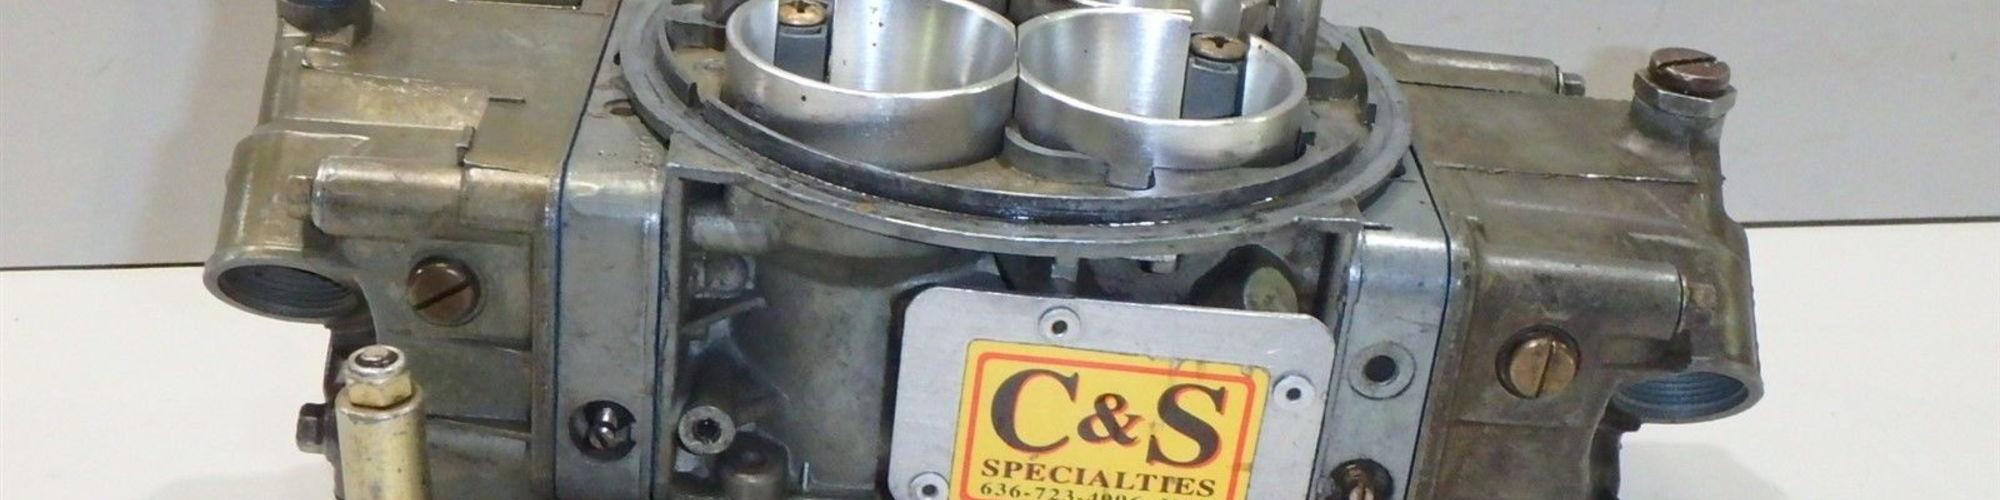 C&S Specialties